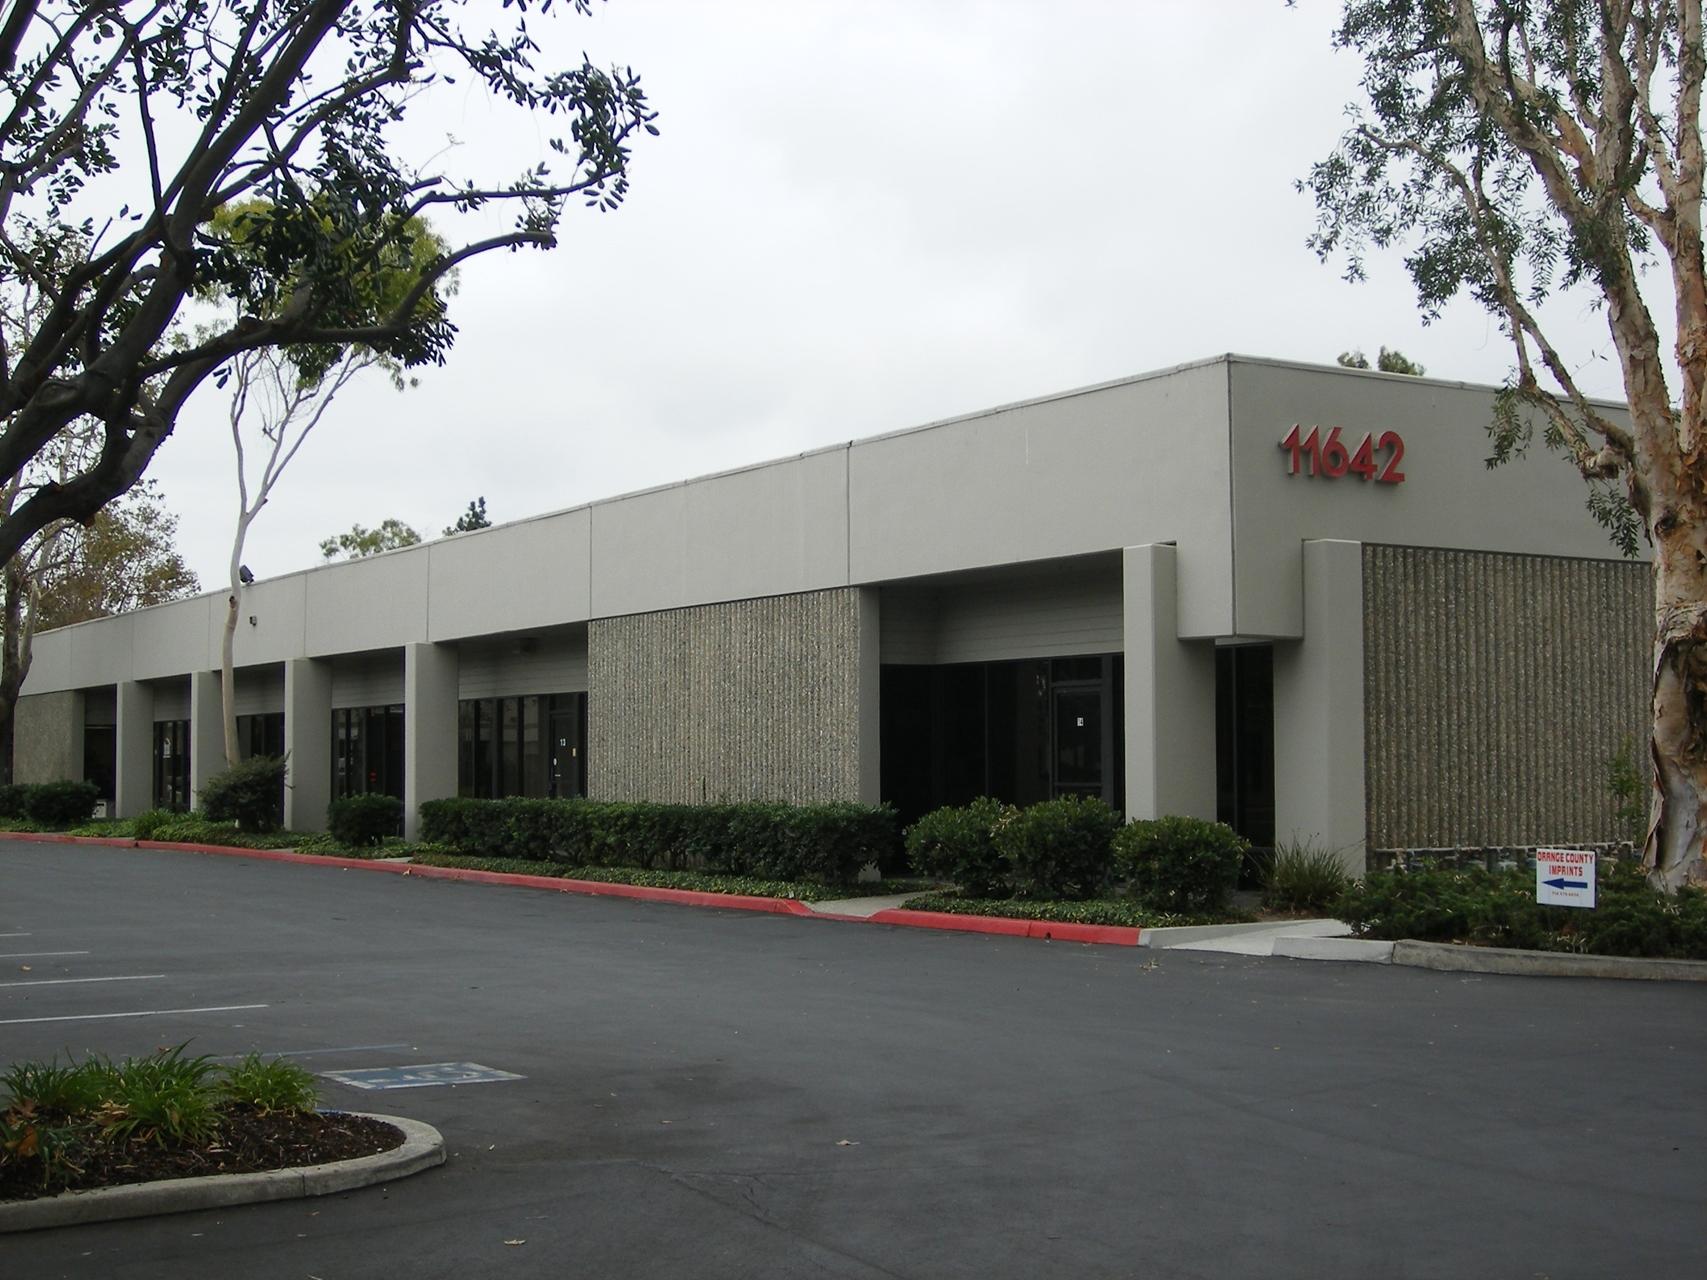 11642 Knott Ave Garden Grove, CA 92841